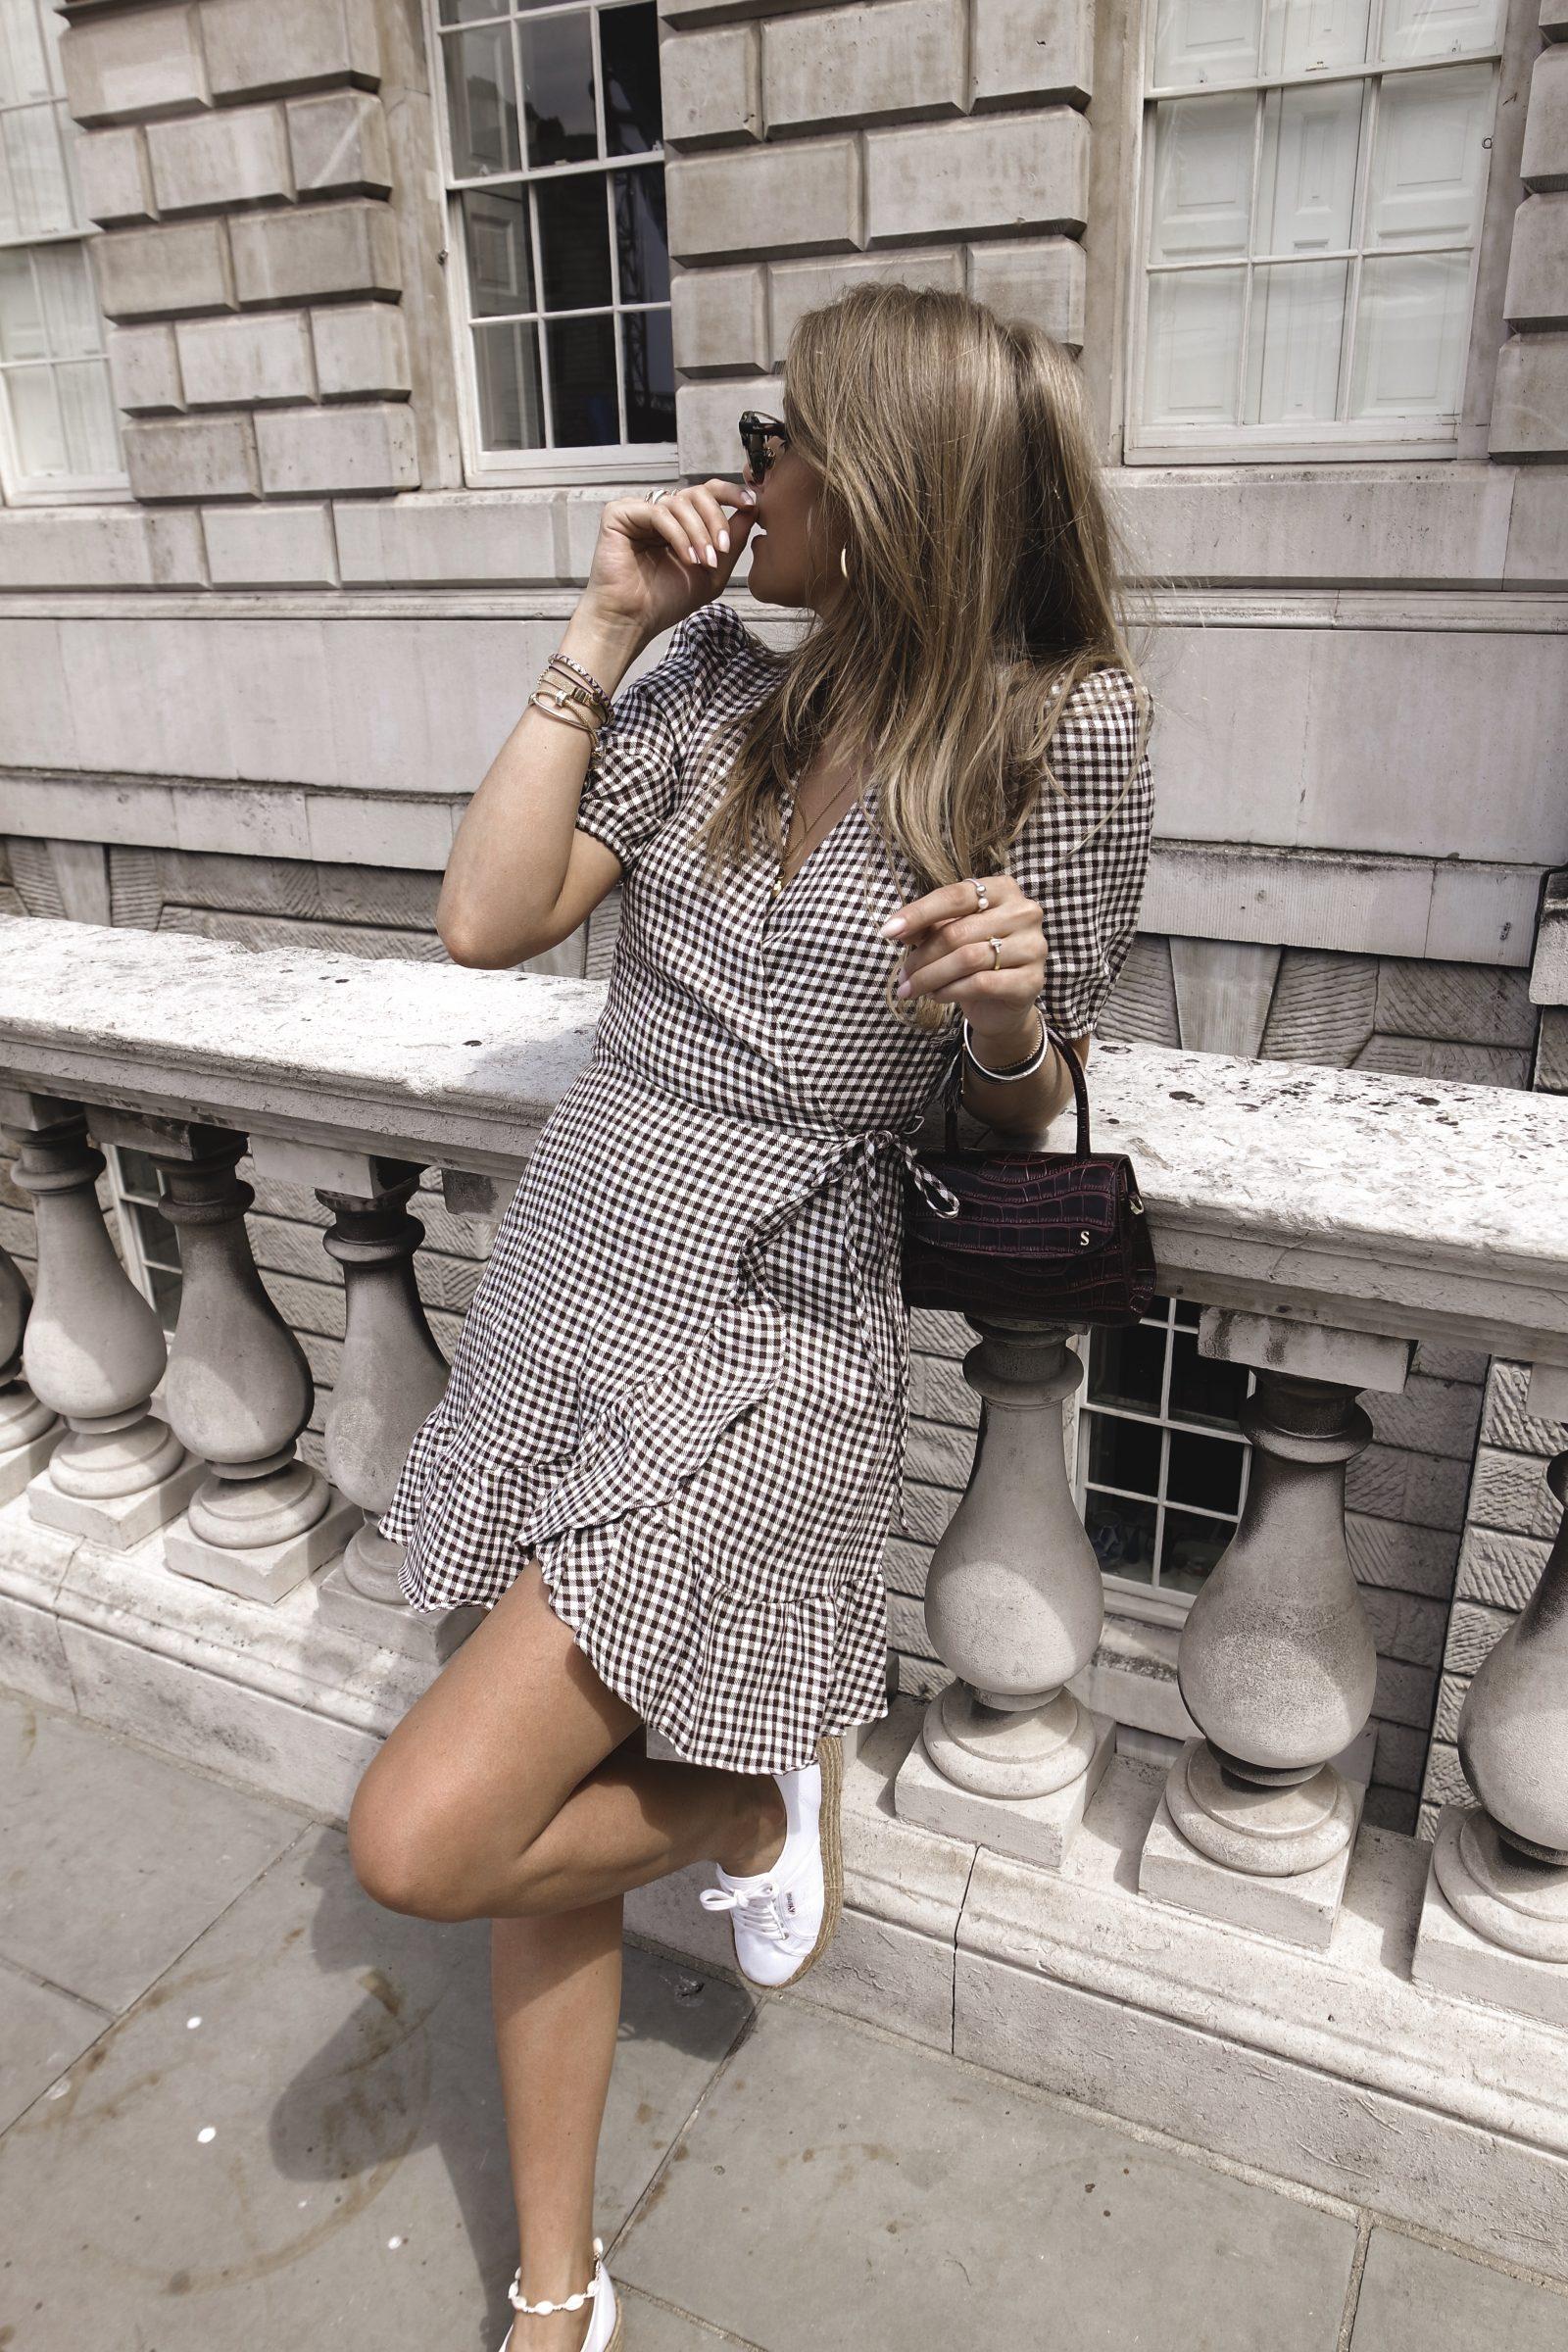 Gingham Summer Dress - & Other Stories Dress